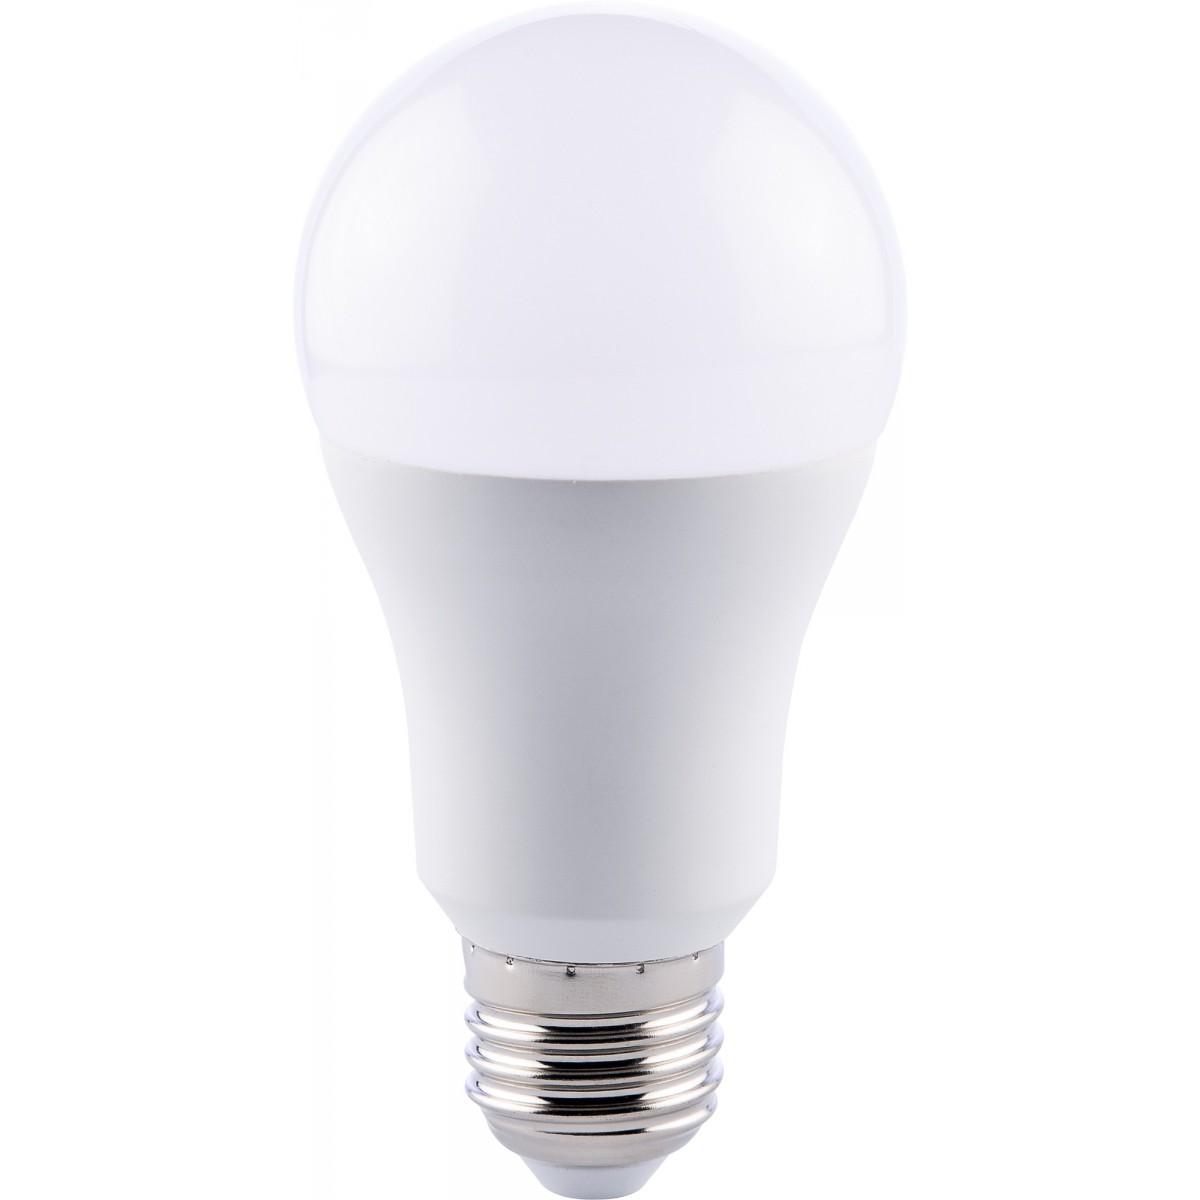 Ampoule LED standard E27 dhome - 806 Lumens - 8,5 W - 2700 K - Vendu par 2